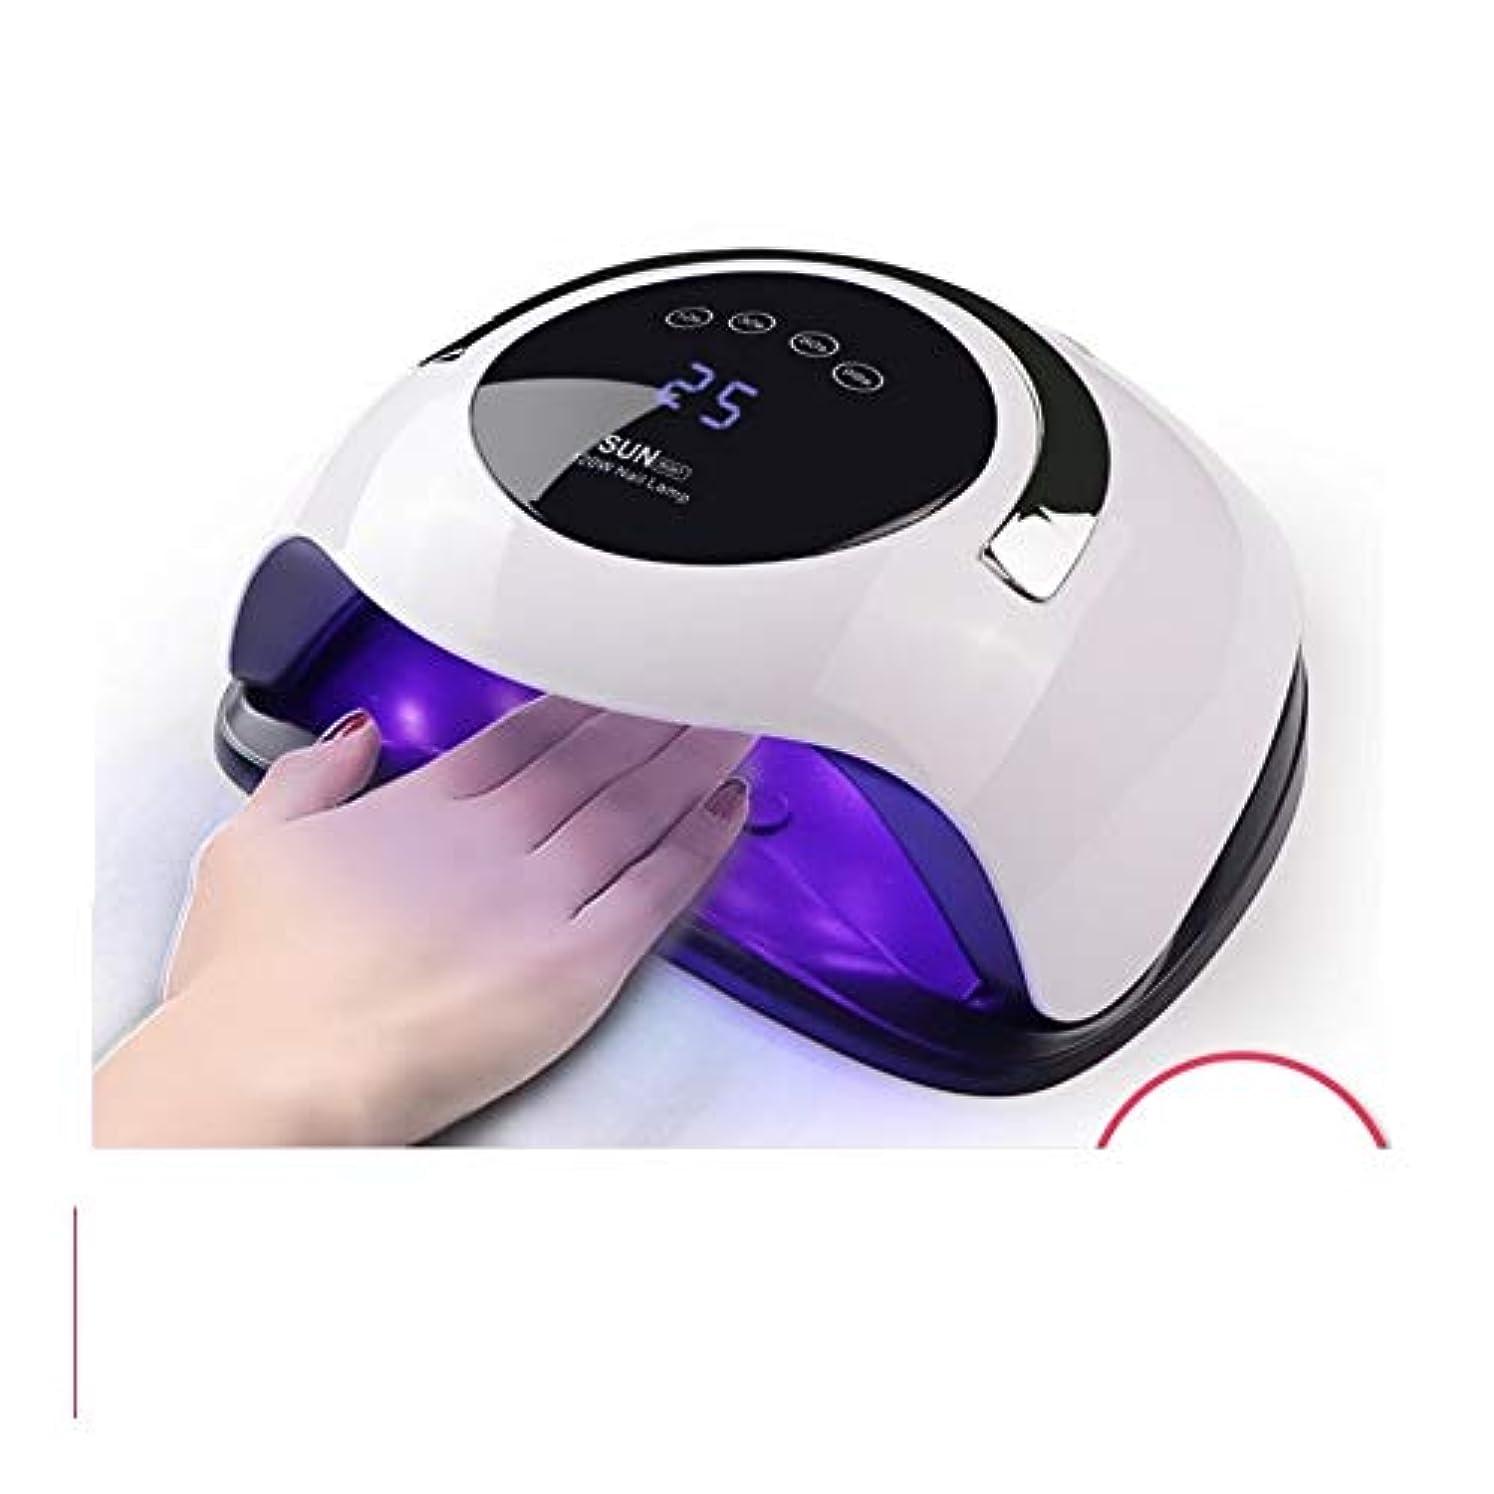 マーチャンダイジング免疫する胸LittleCat 120Wライトセラピー機ドライヤーBQ5Tスマートセンサプラスチックネイルポリッシュ光線療法ライト光線療法ライトローストツール (色 : American standard flat plug)